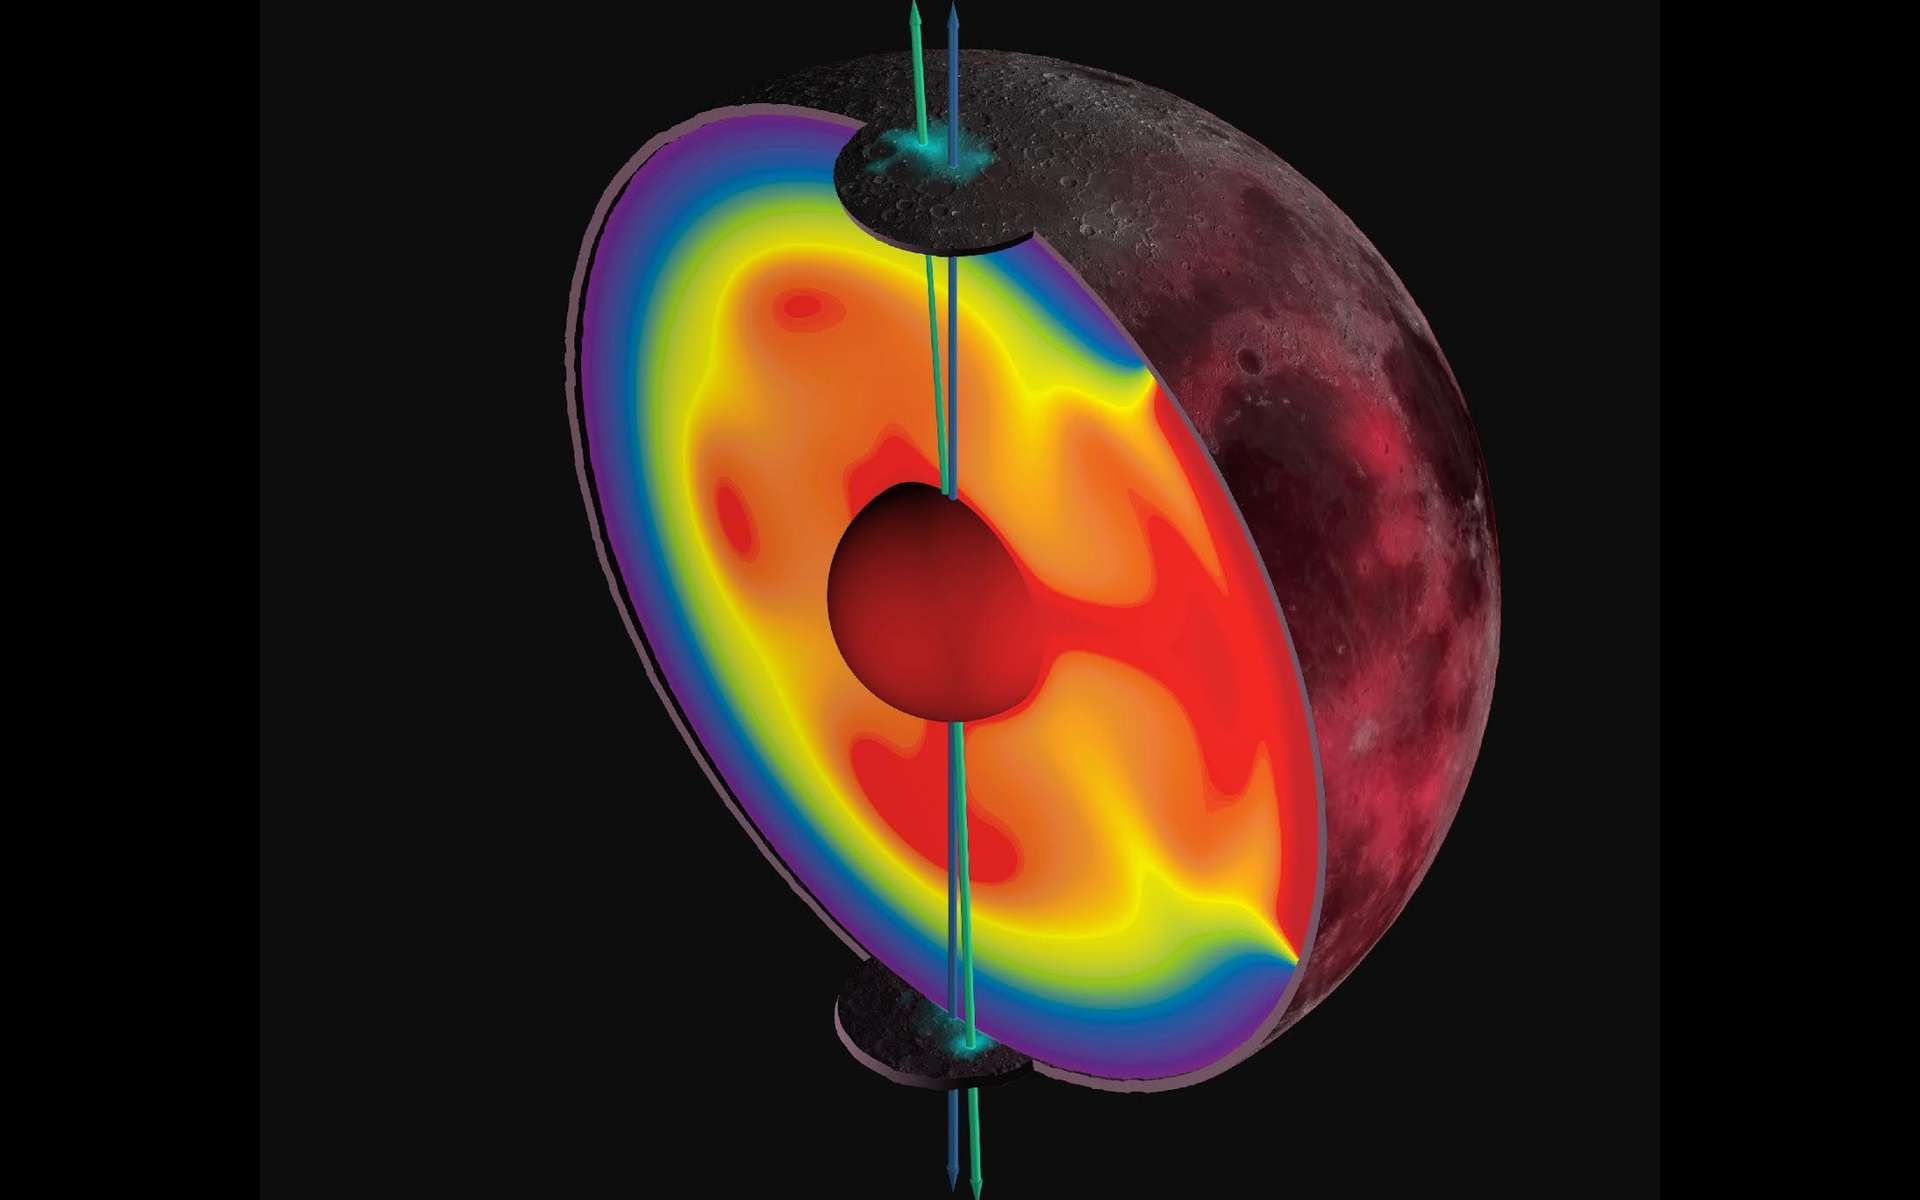 Vue en coupe de la Lune il y a plusieurs milliards d'années. L'anomalie dans le manteau qui a donné naissance à « l'océan des Tempêtes » (à droite) est probablement à l'origine du basculement de 5 degrés de son axe de rotation. Le trait bleu, à côté du trait vert, indique la position actuelle de son axe. © James Tuttle Keane